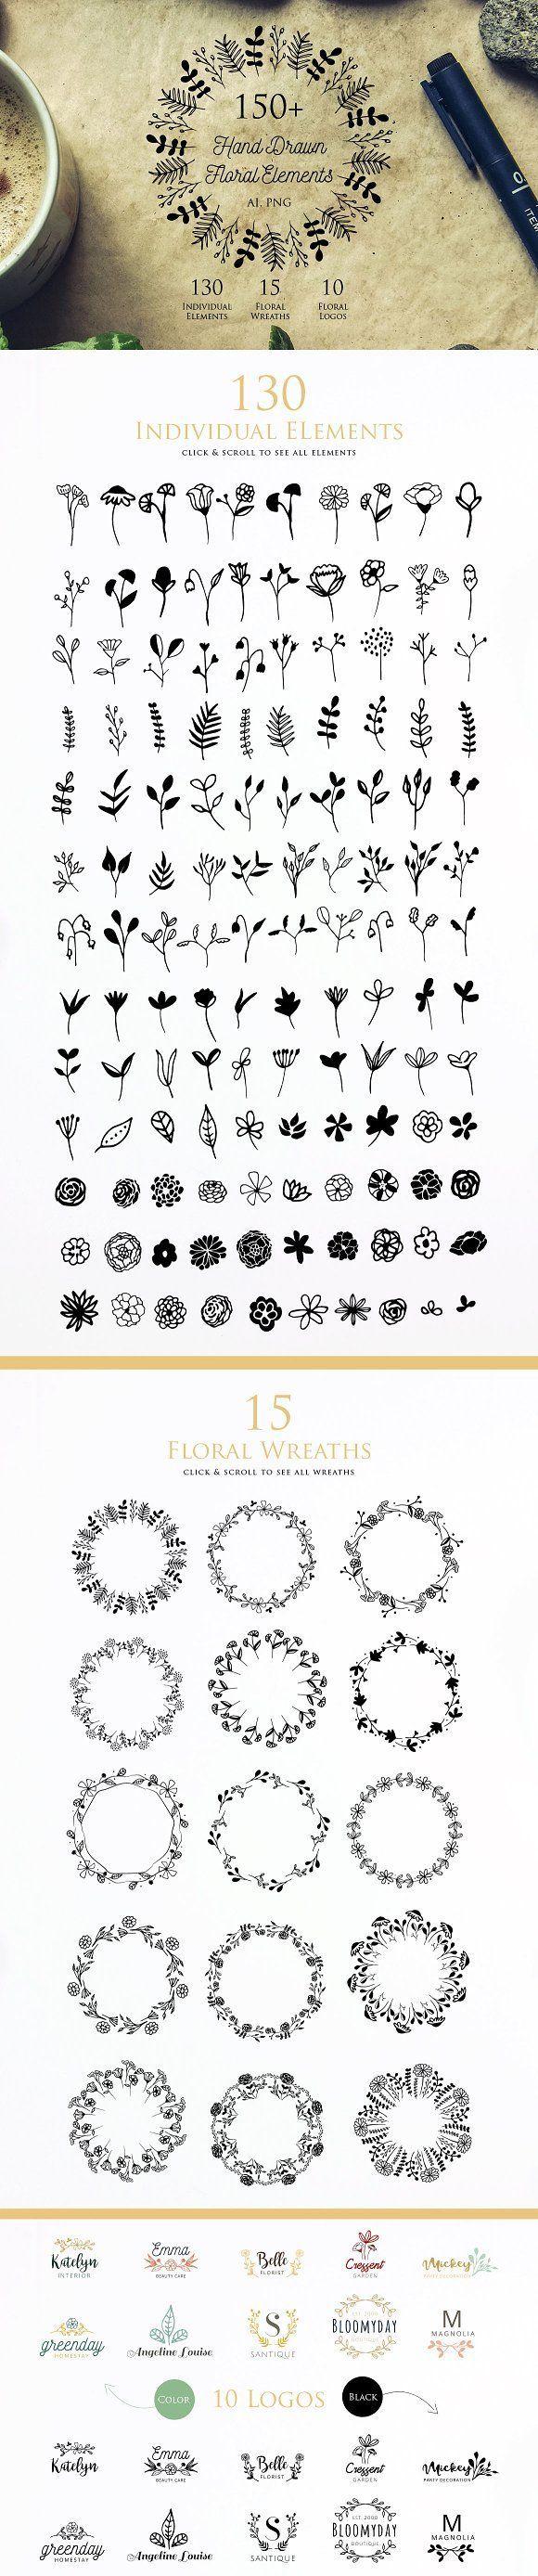 Handgezeichnete florale Elemente von iamwulano auf @creativemarket